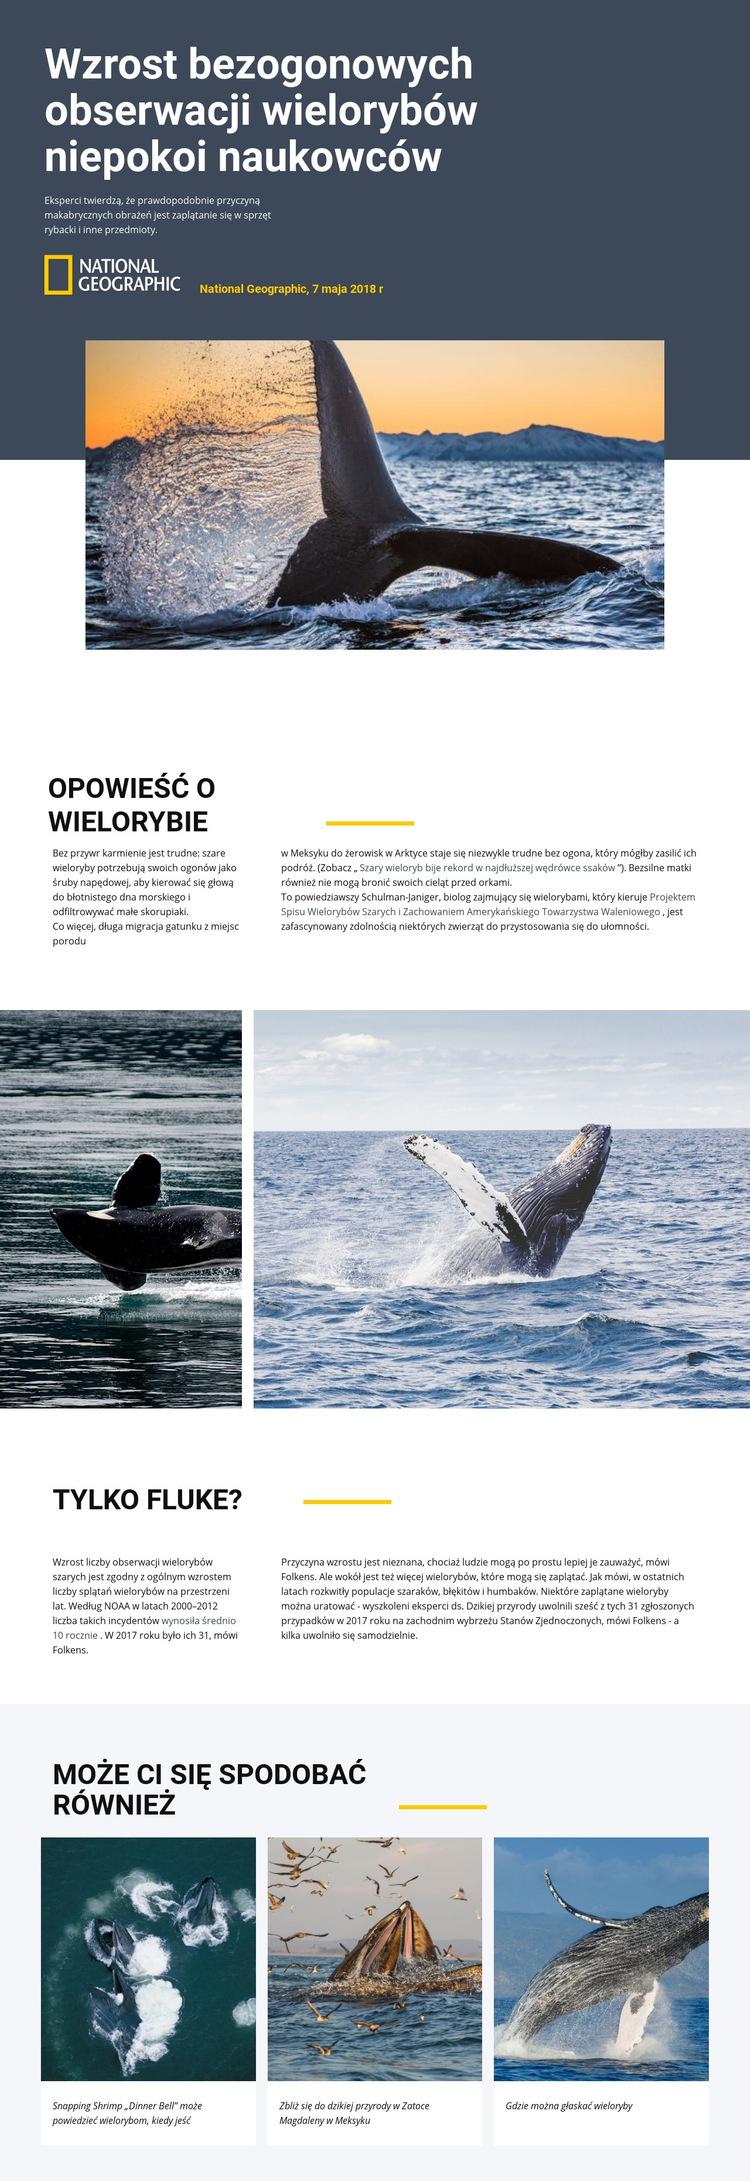 Centrum obserwacji wielorybów Szablon witryny sieci Web